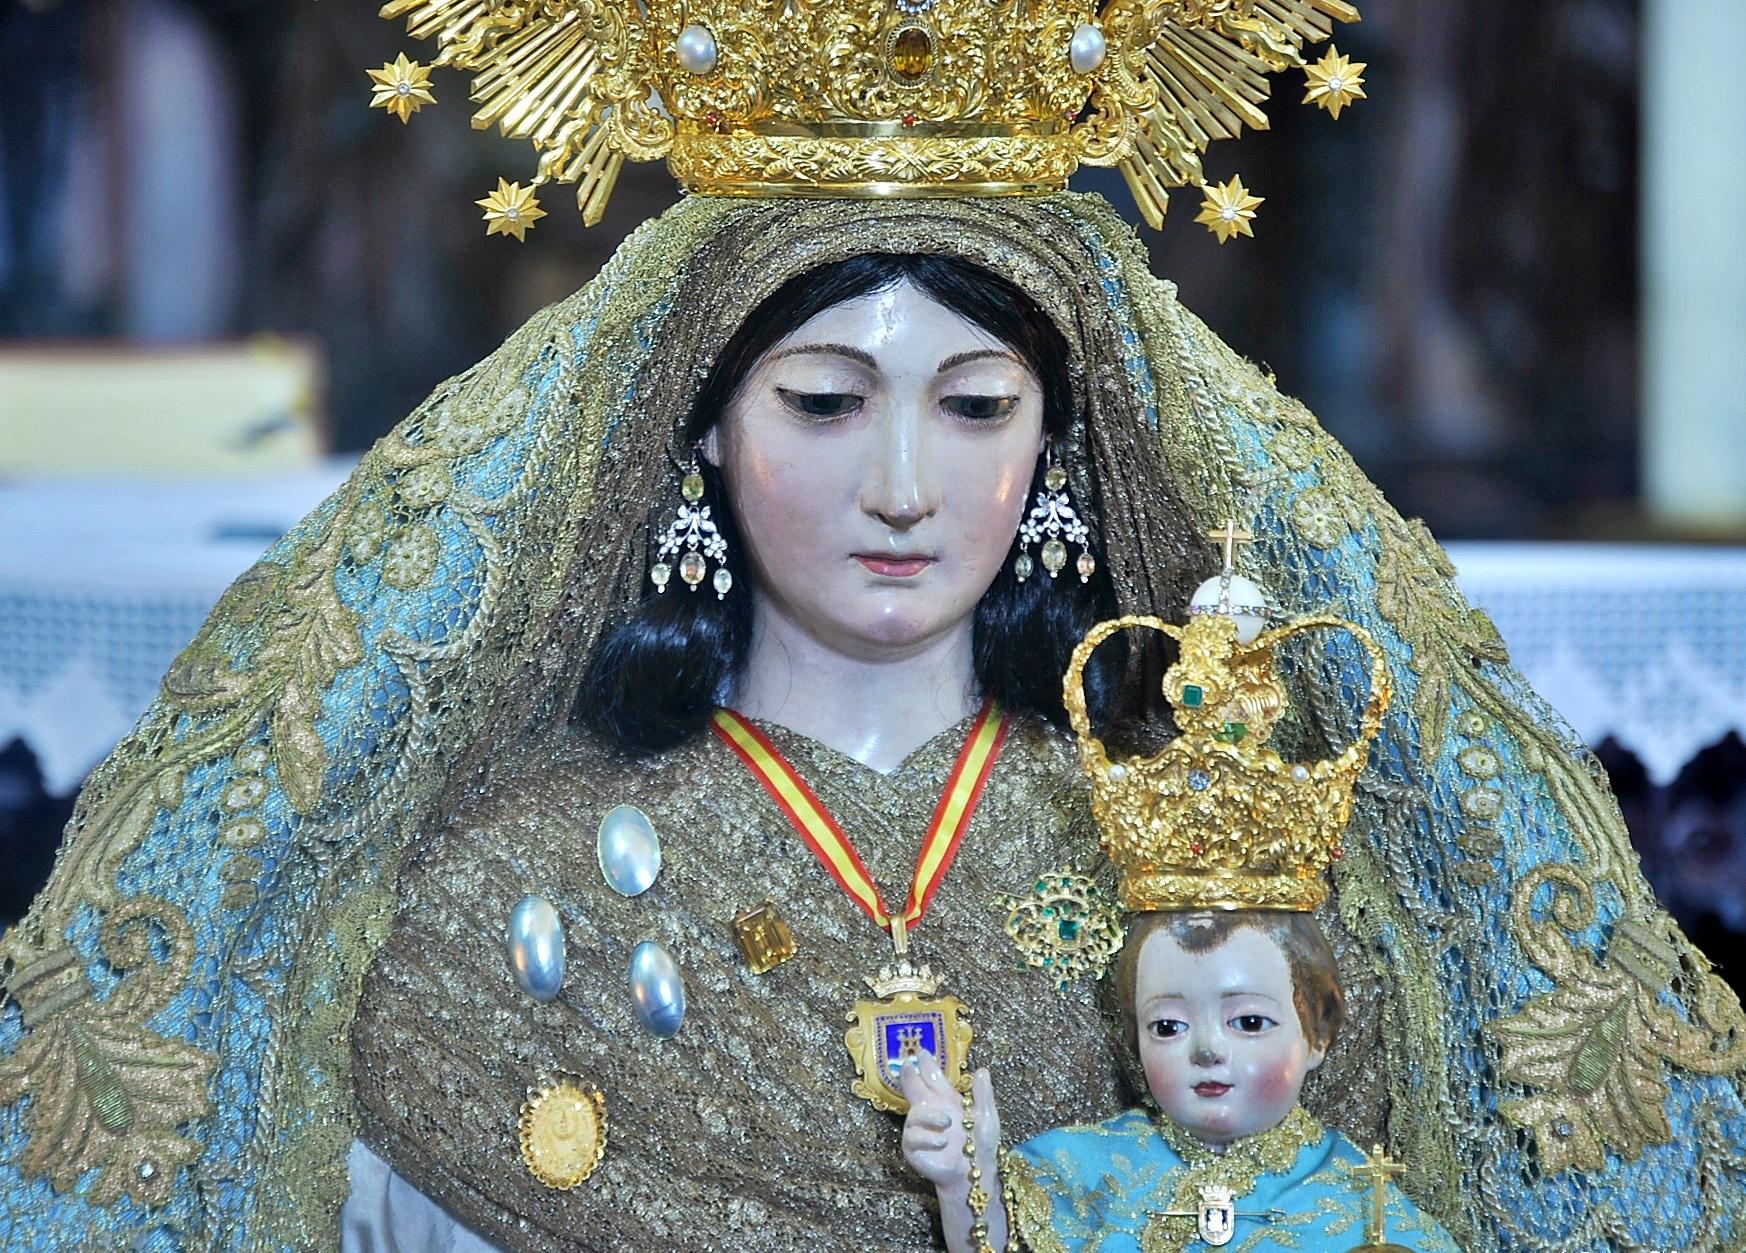 Nuestra seora del rosario de rota responder todas las rogativas la estatua fue coronada cannicamente en la fiesta de nuestra seora del rosario 7 de octubre de 2003 thecheapjerseys Gallery